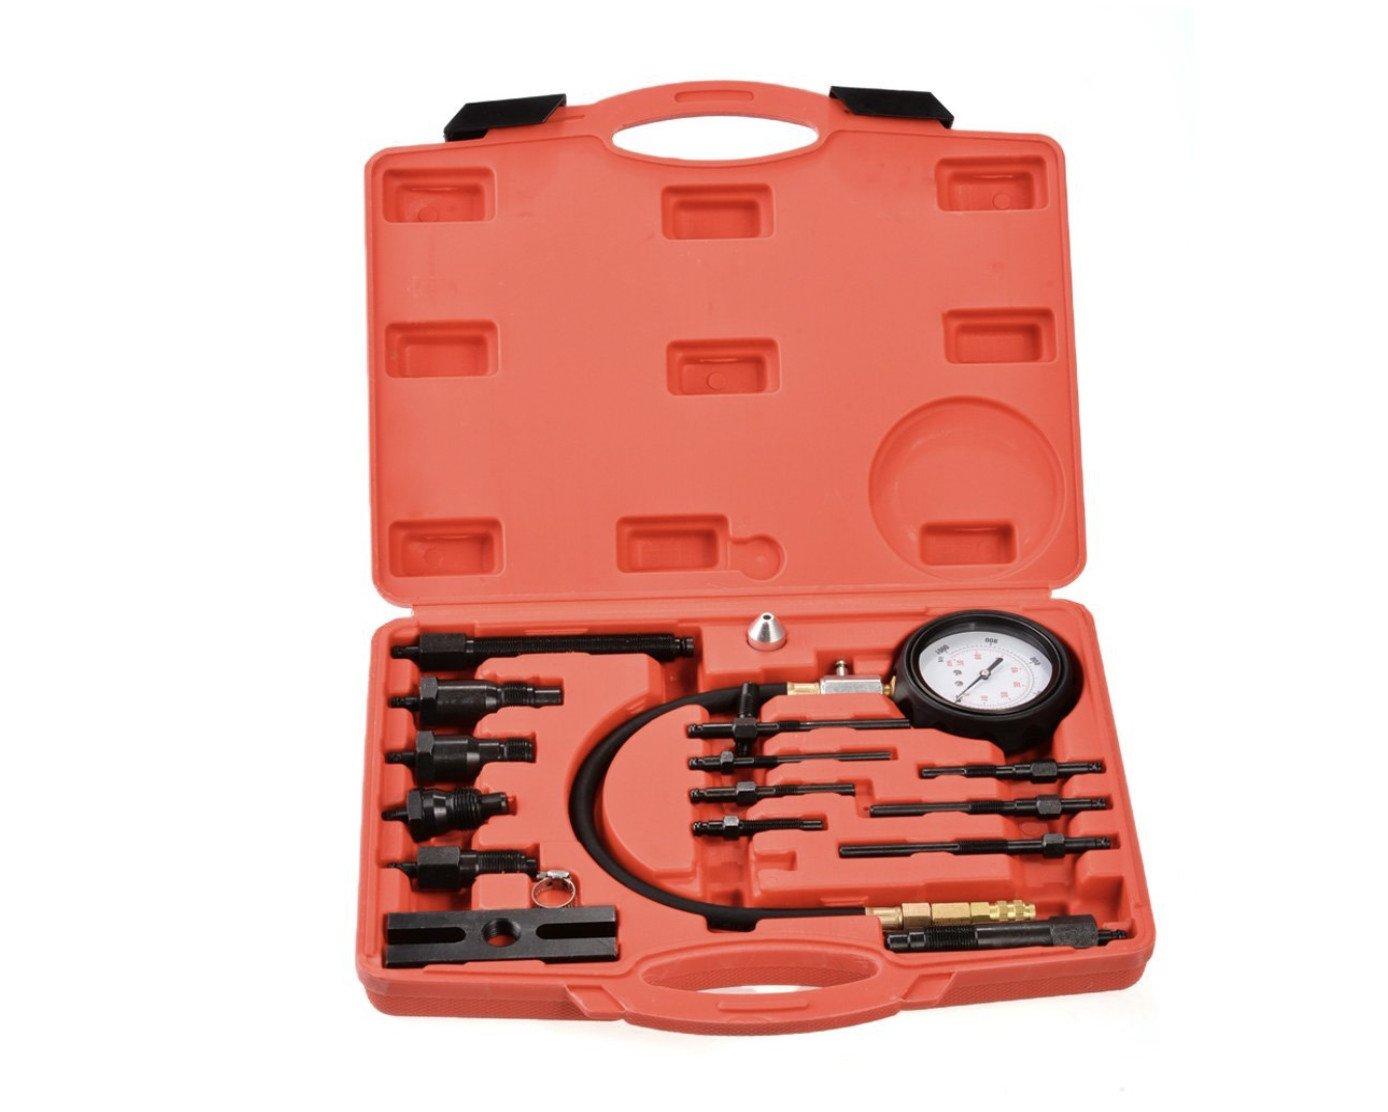 Coffret testeur de compression 17pcs Moteur diesel de compression pour moteurs Diesel (TDI et CDI) 0-70 bars Kit dans un coffret Witss